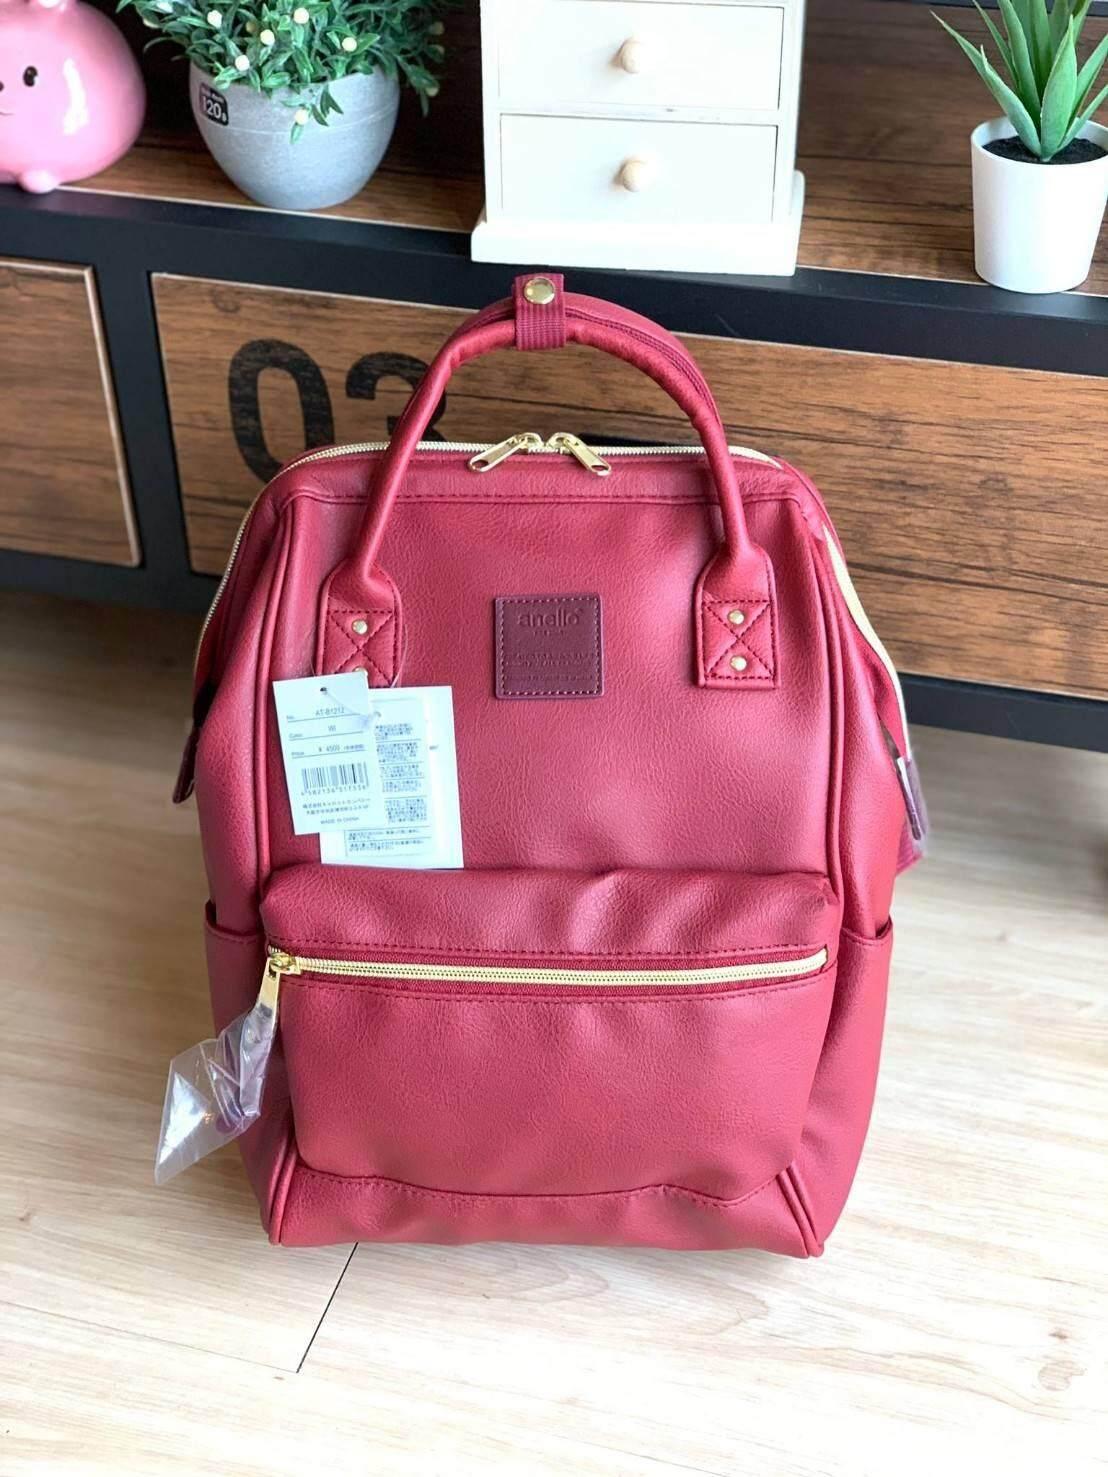 การใช้งาน  สมุทรสงคราม NiceShoes   Anello polyurethane leather rucksack รุ่น Mini  กระเป๋าเป้ BH070412